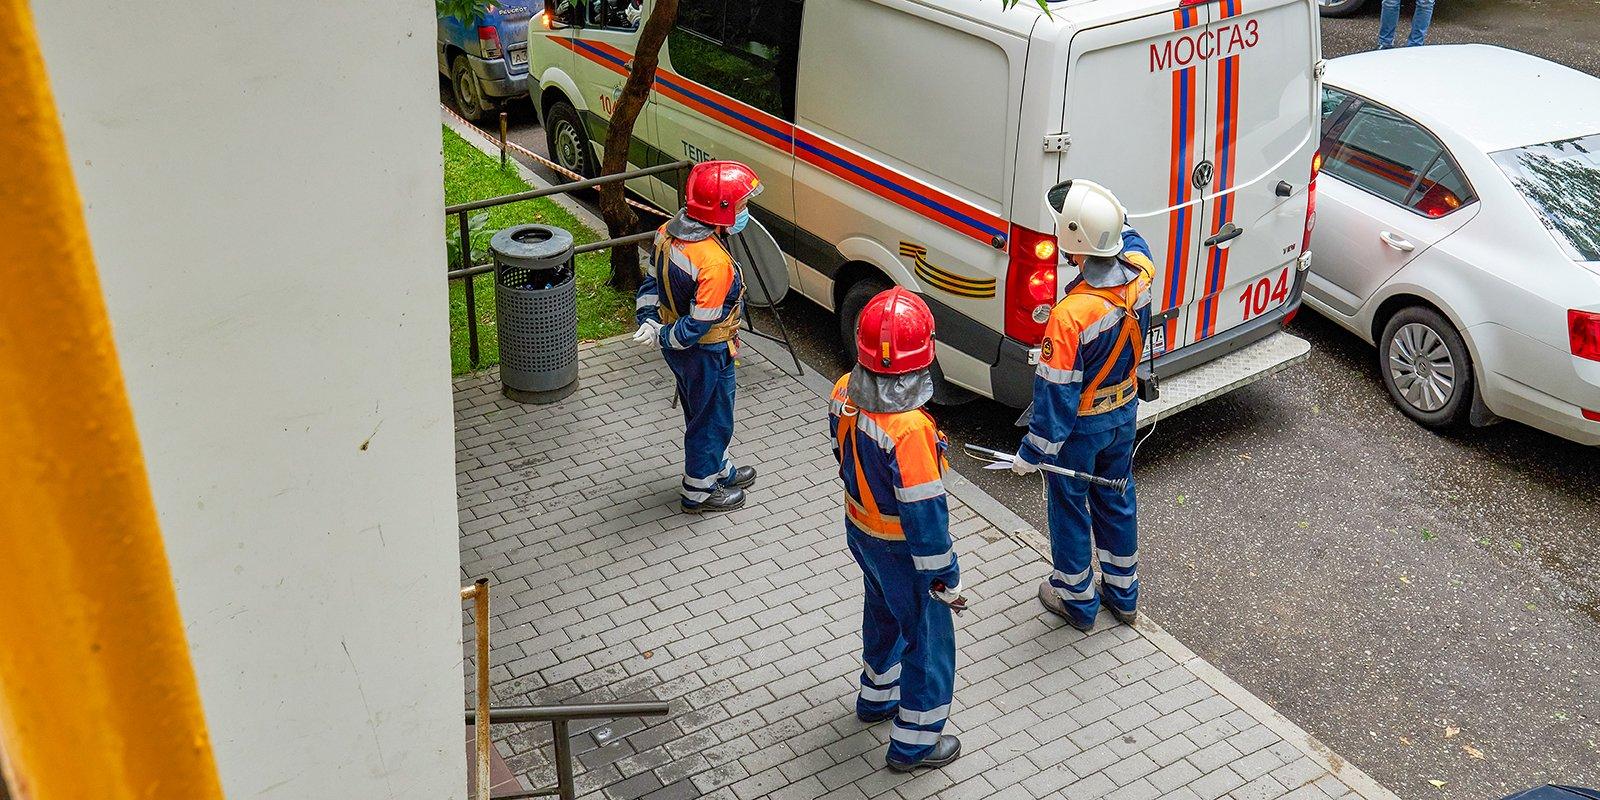 Сетевая девушка модель работ по ликвидации аварии утечка газа фото веб камер genius и модели